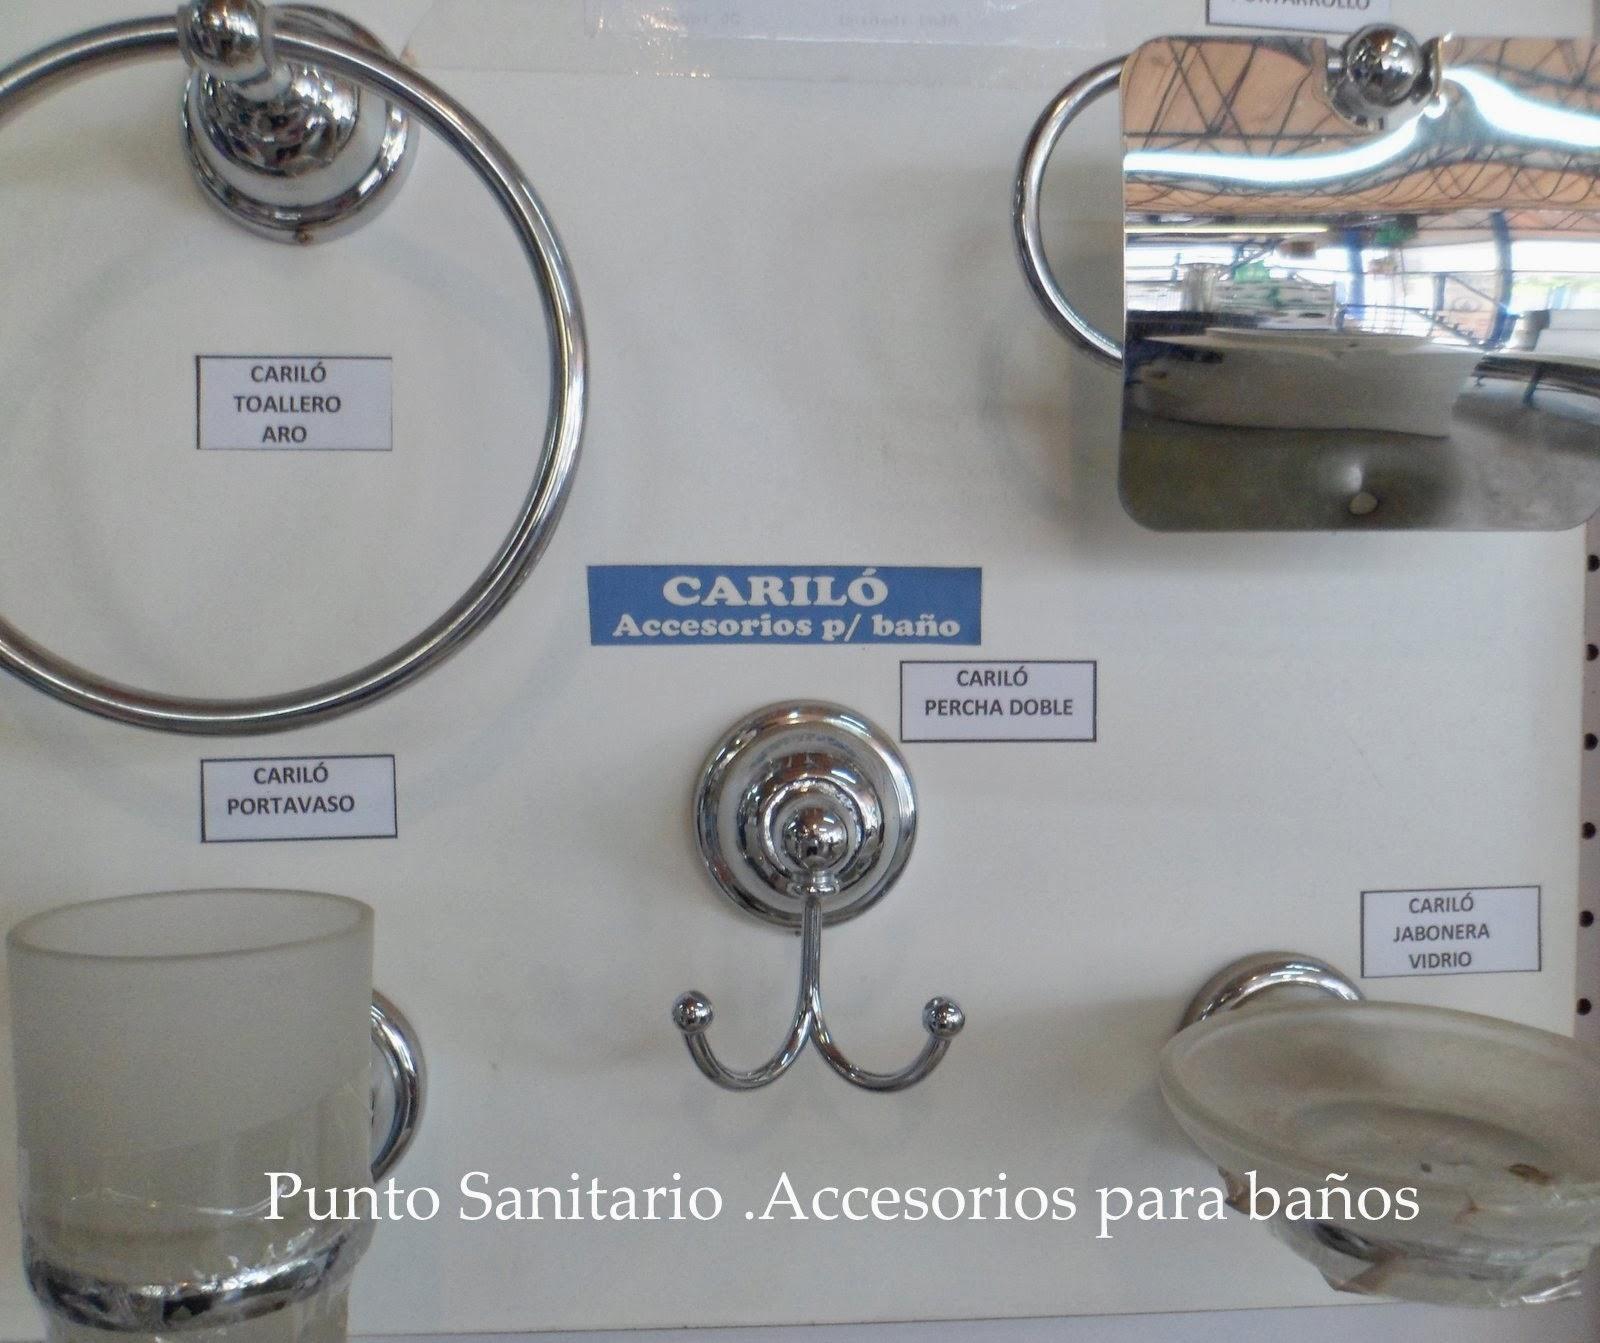 Accesorios de ba o ubicacion for Conjunto de accesorios para bano